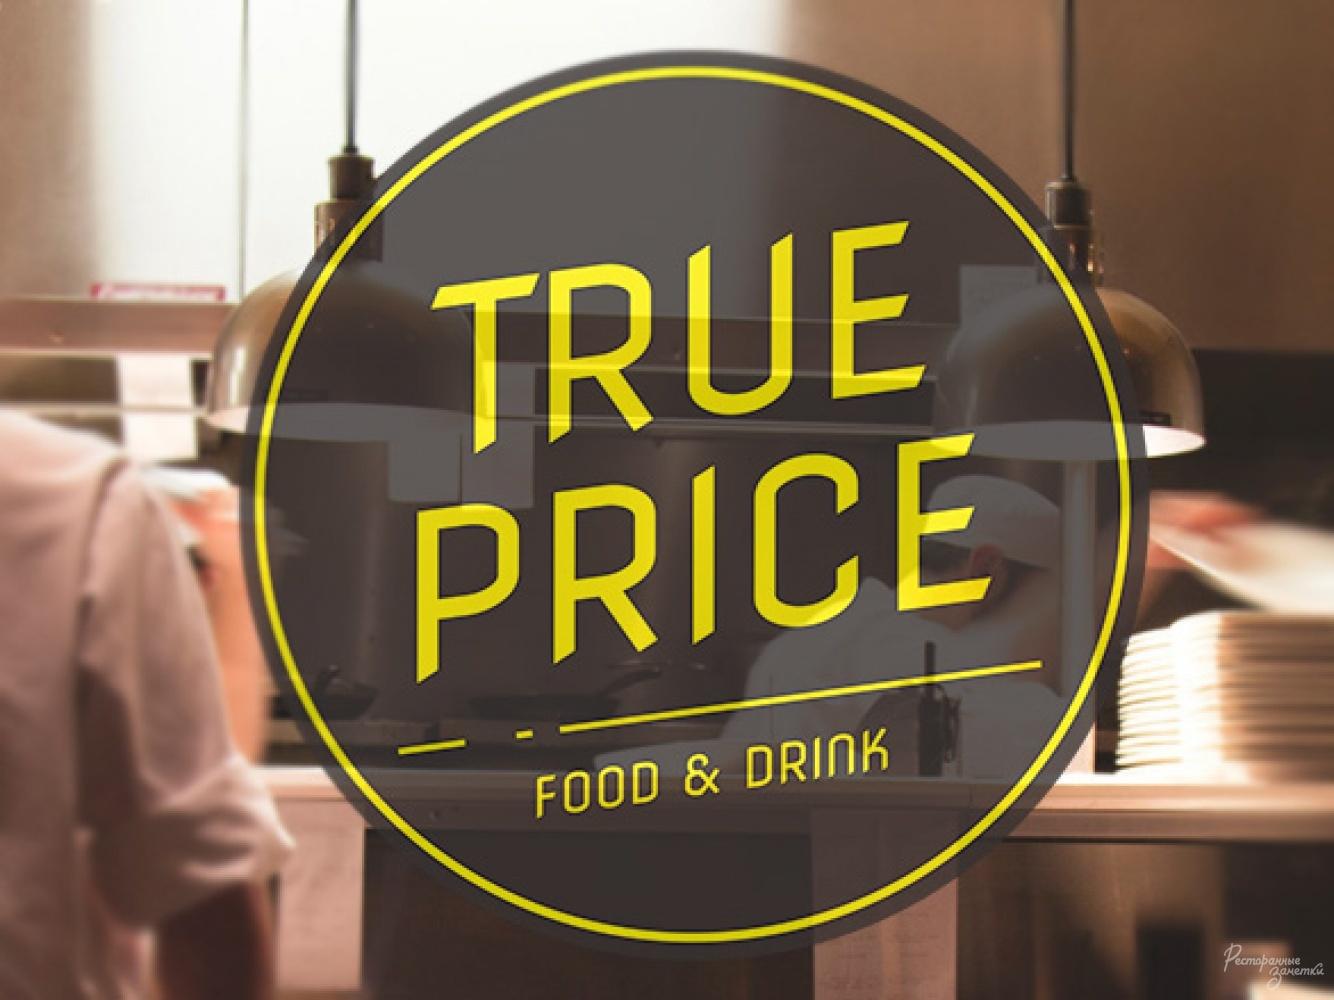 Ресторан True Price food & drink ресторан честных цен, Харьков